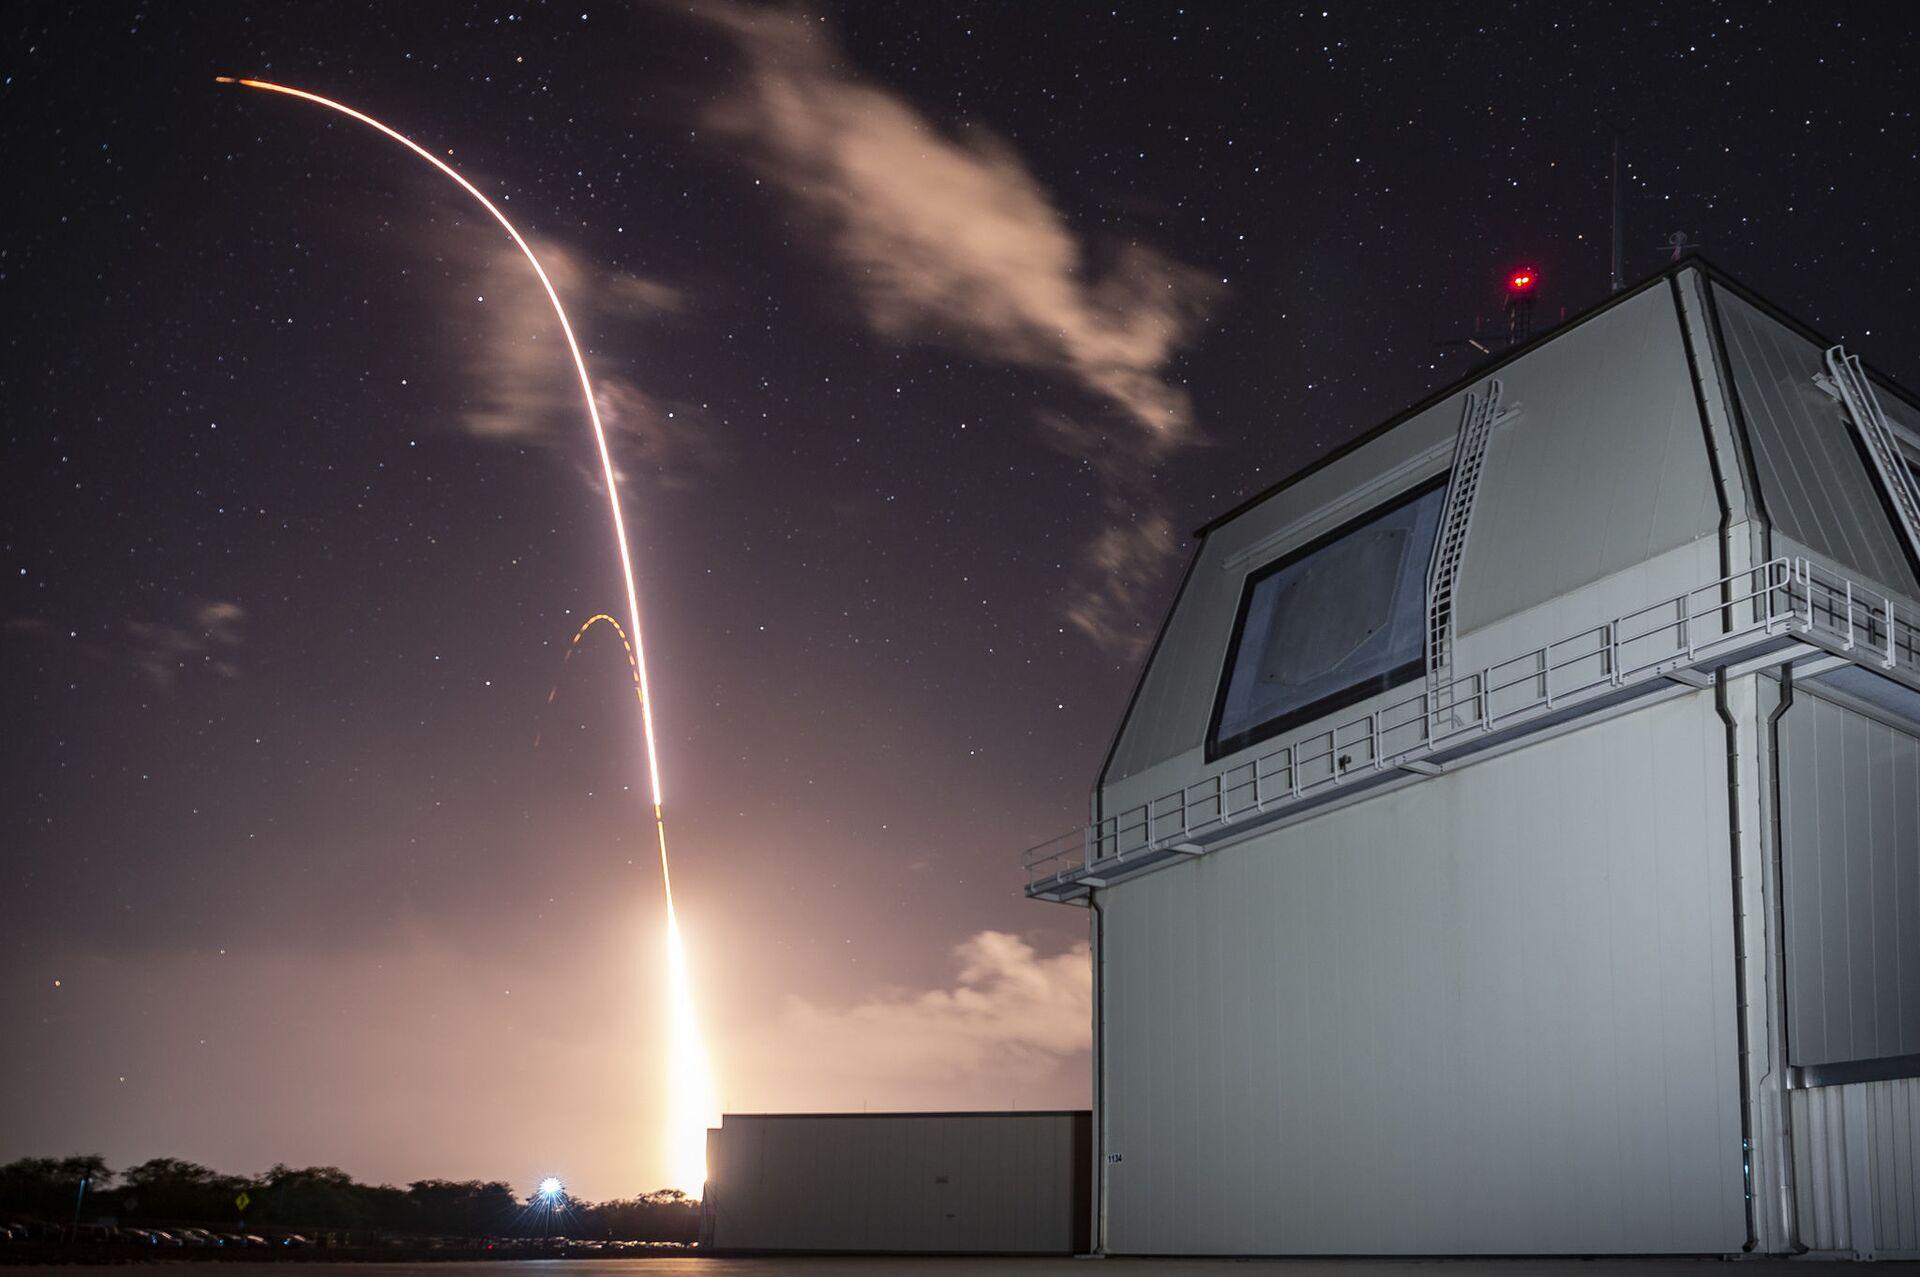 Запуск американской ракеты SM 3 Block IIA с комплекса Иджис Эшор на Гавайях - РИА Новости, 1920, 24.11.2020